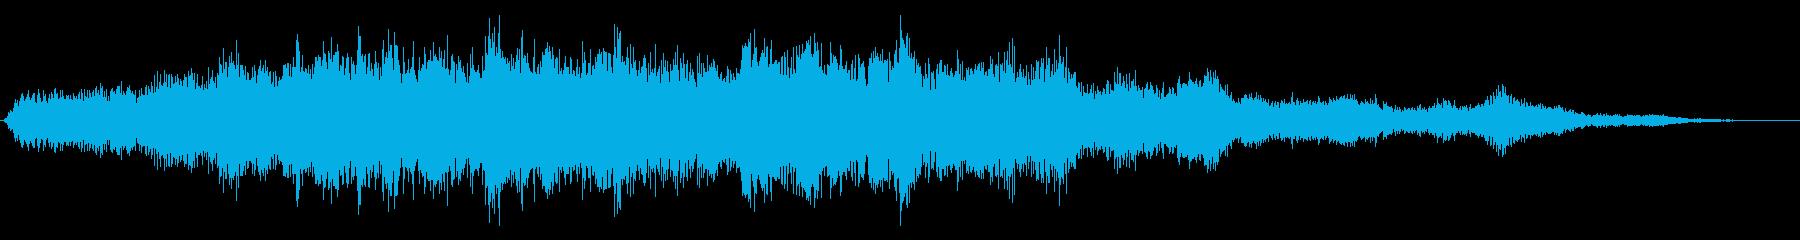 エイリアンコード3サスティンフラン...の再生済みの波形